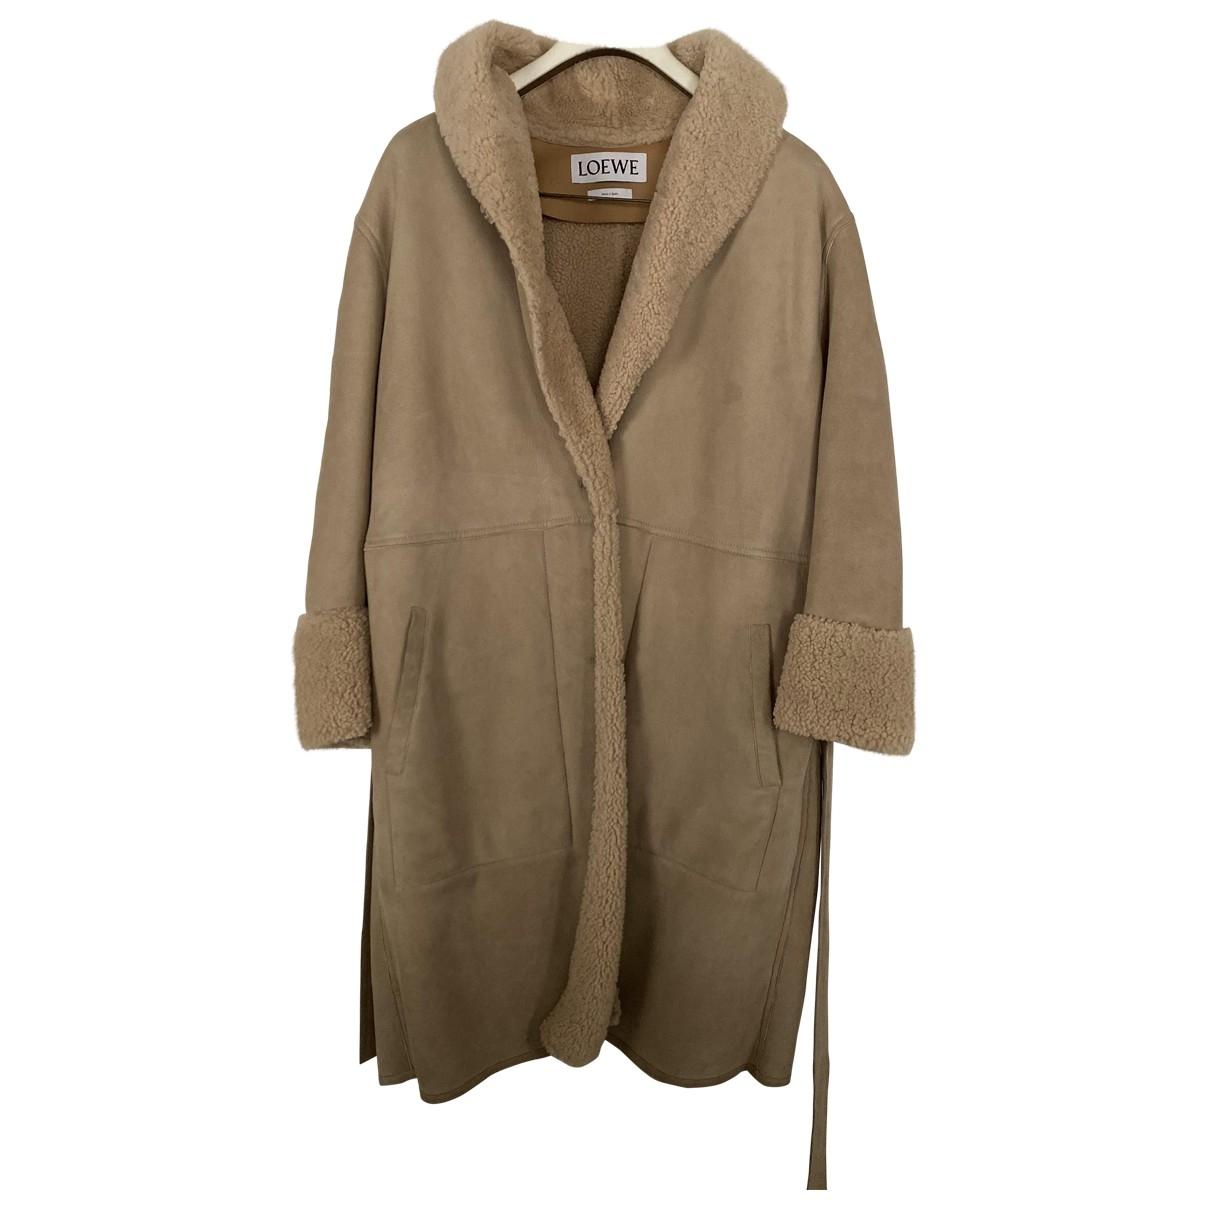 Loewe - Manteau   pour femme en mouton - beige